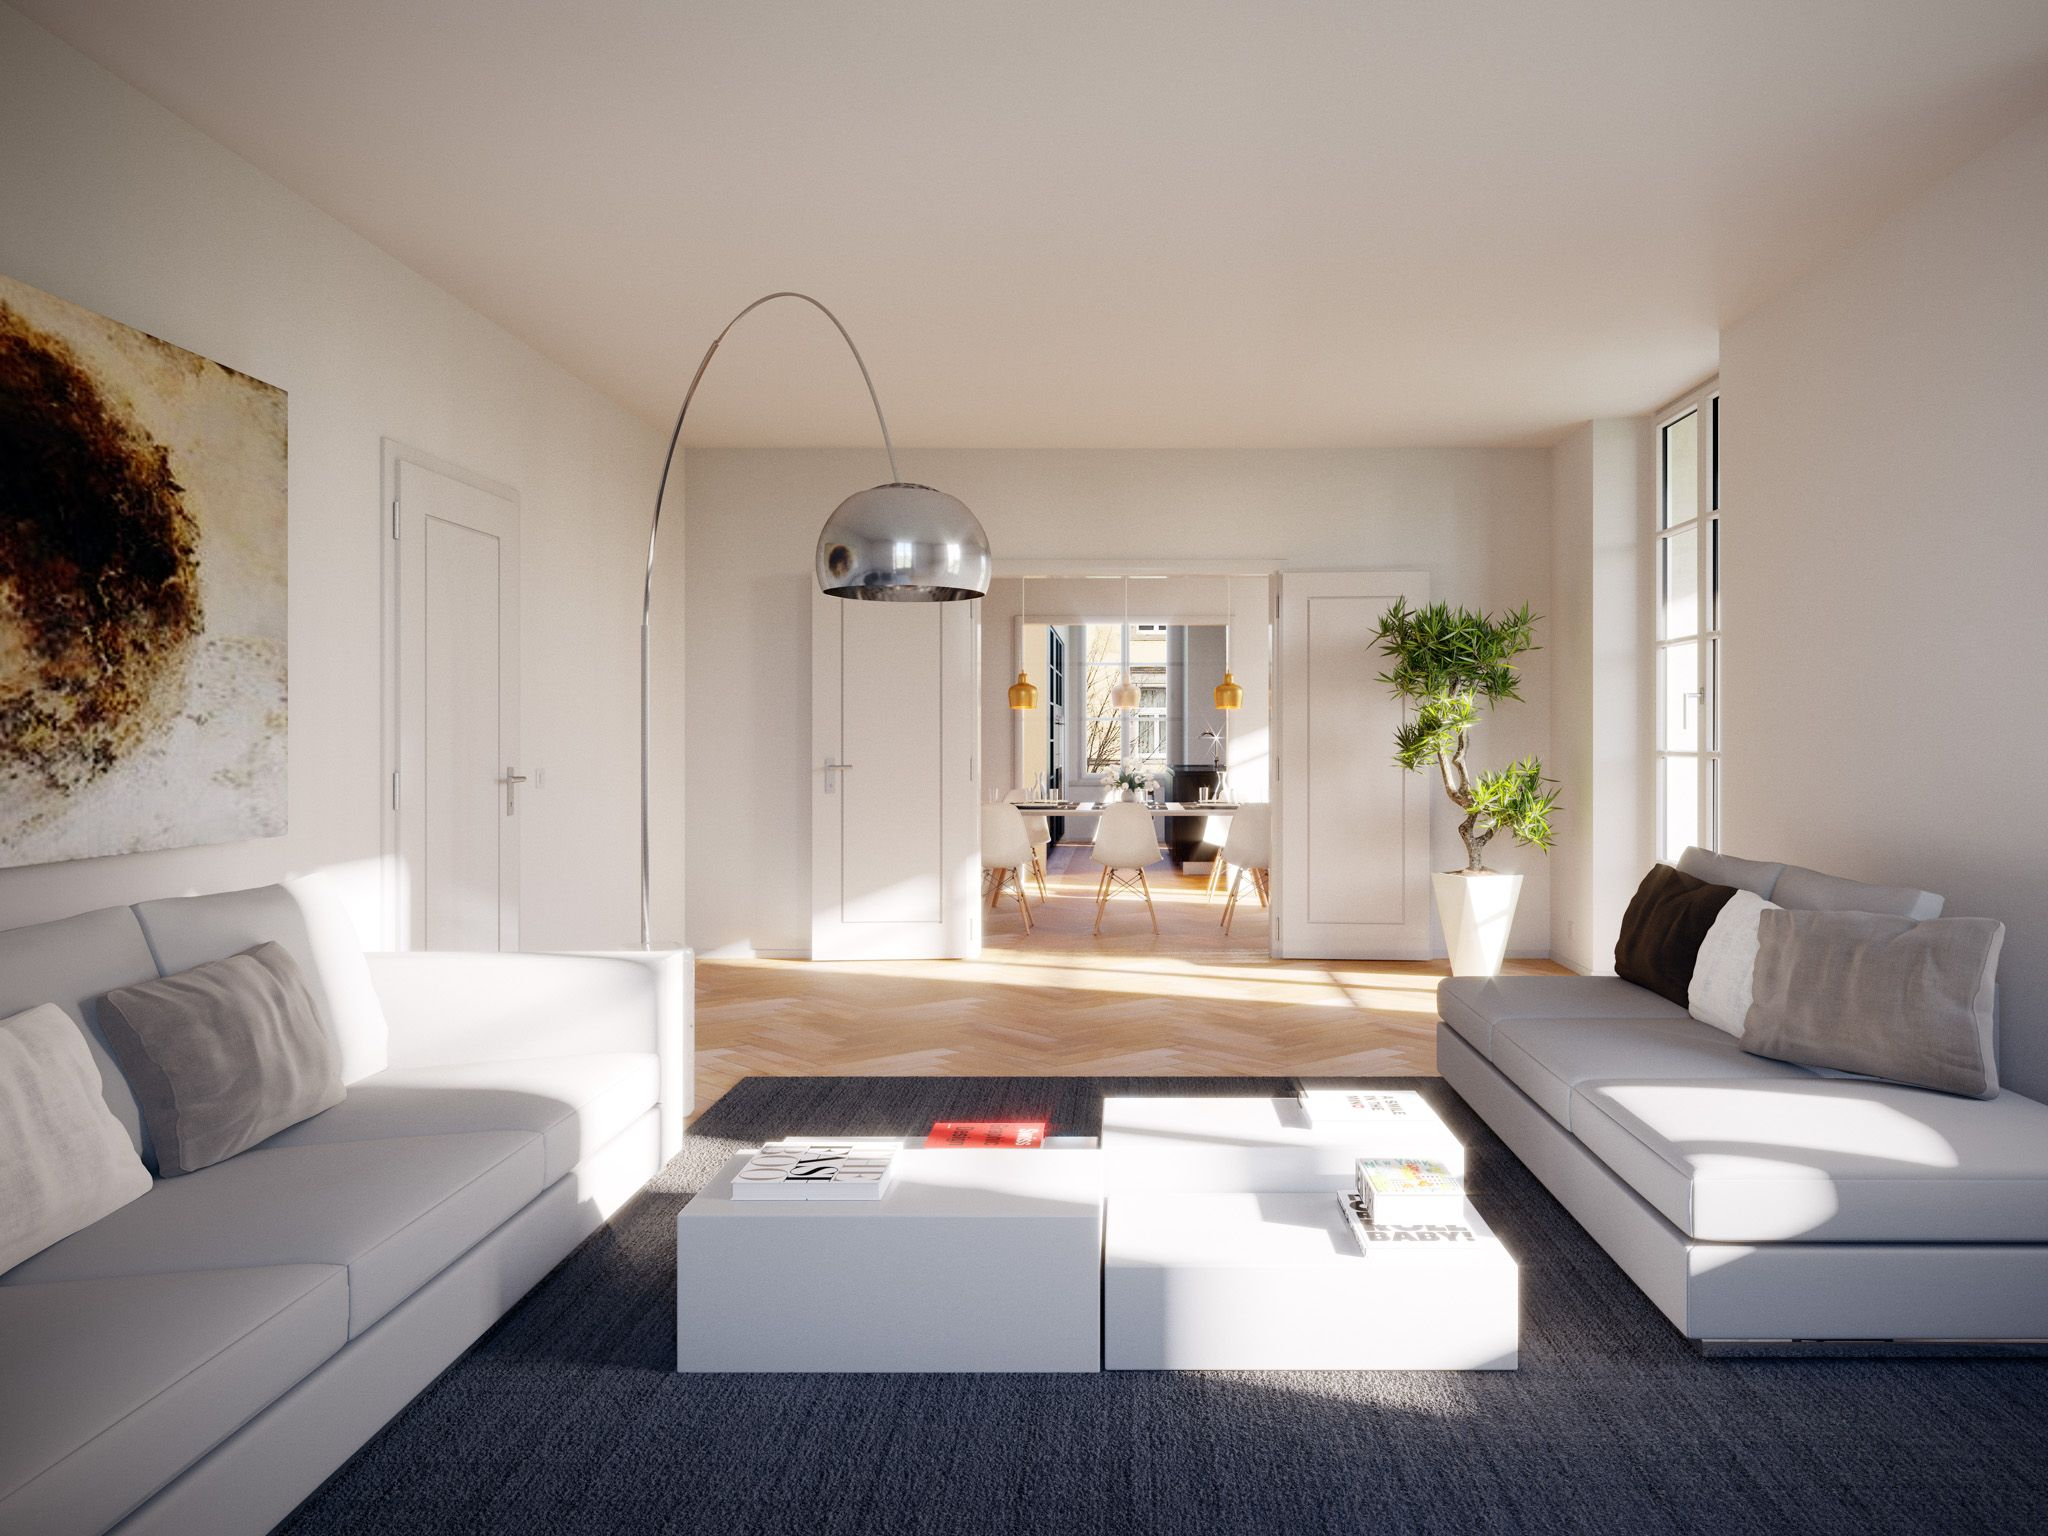 Umbau Und Sanierung Plattenstrasse In 8032 Zurich Tk Architekten Visualisierungen Architron Wohnung 2 Zimmer Wohnung Wohnung Mieten